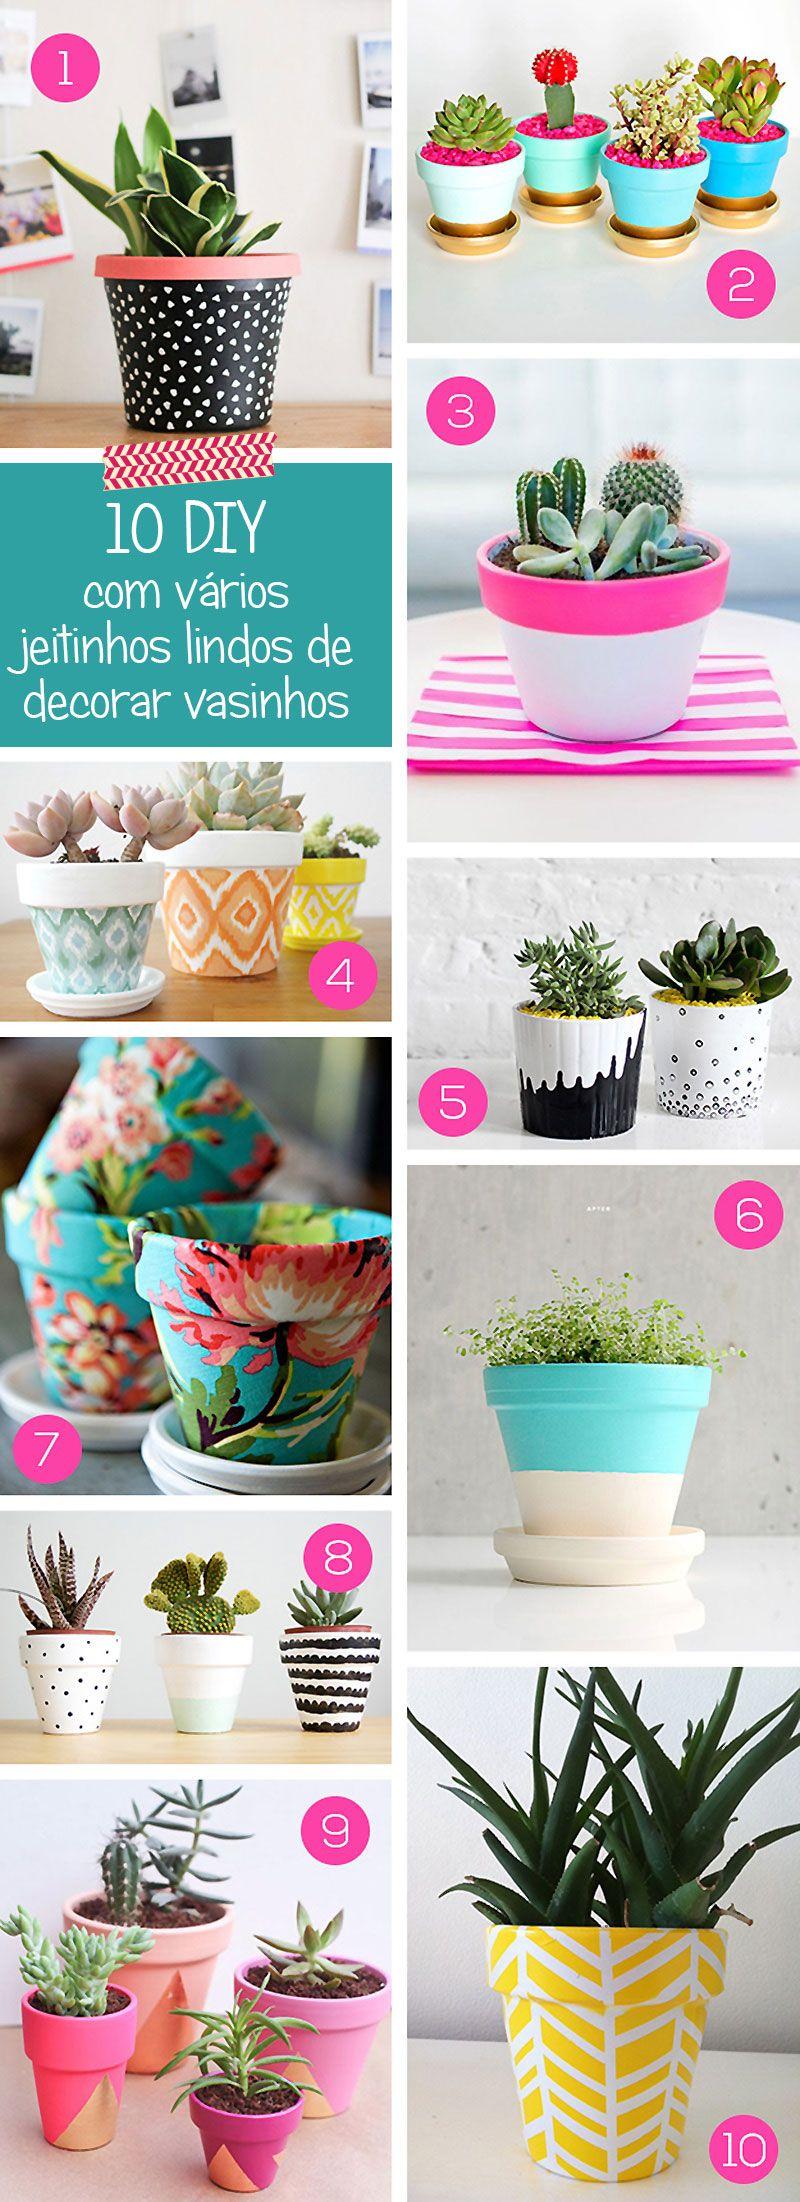 10 DIY Com Jeitinhos Diferentes Para Decorar Vasinhos